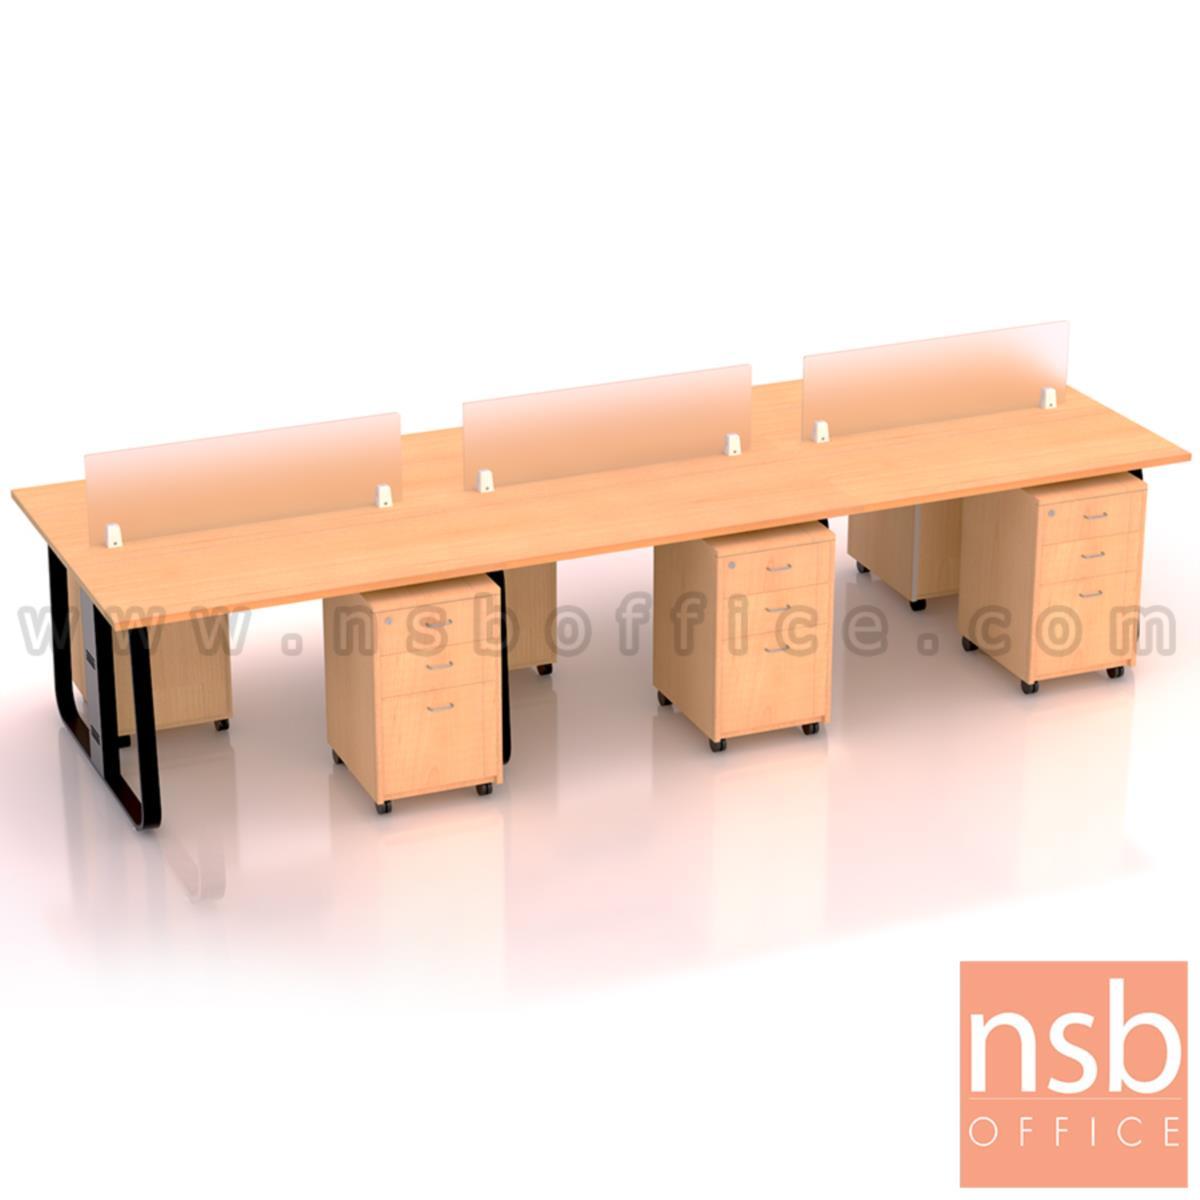 ชุดโต๊ะทำงานกลุ่มขาเหล็ก รุ่น Lenka 2 (เล็งกา 2)  4 ,6 ที่นั่ง ขนาด 240W, 360W cm พร้อมมินิสกรีนและตู้ลิ้นชักไม้ล้อเลื่อน